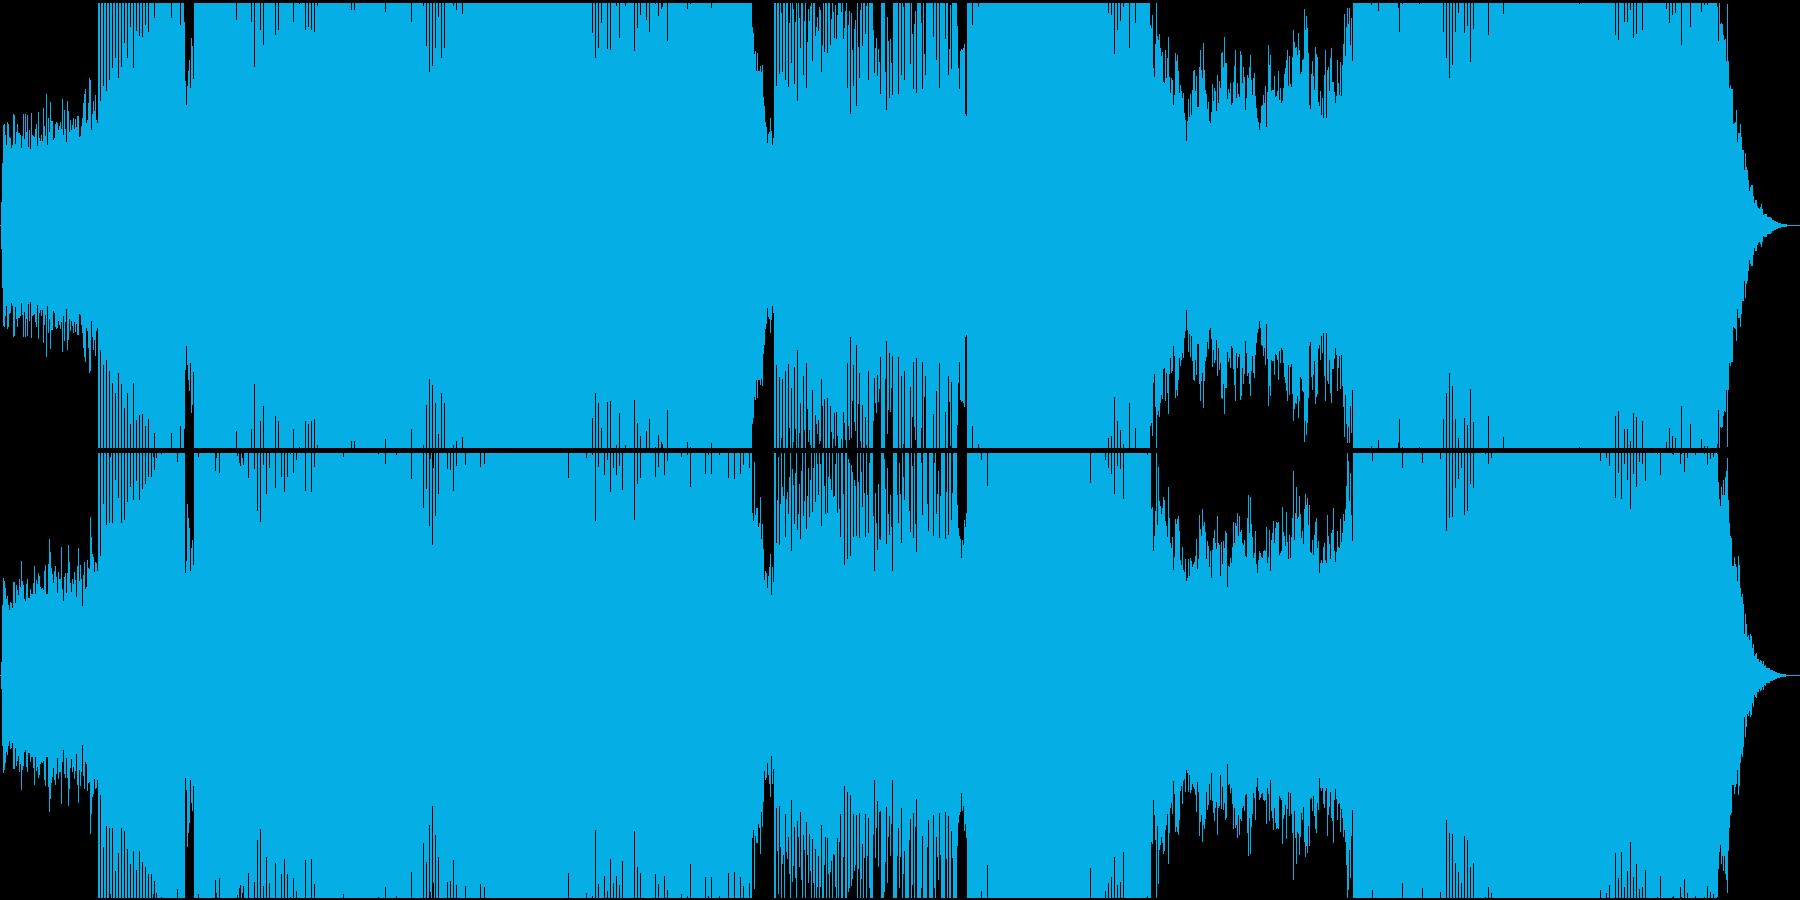 「別れの曲」トランス系アレンジの再生済みの波形